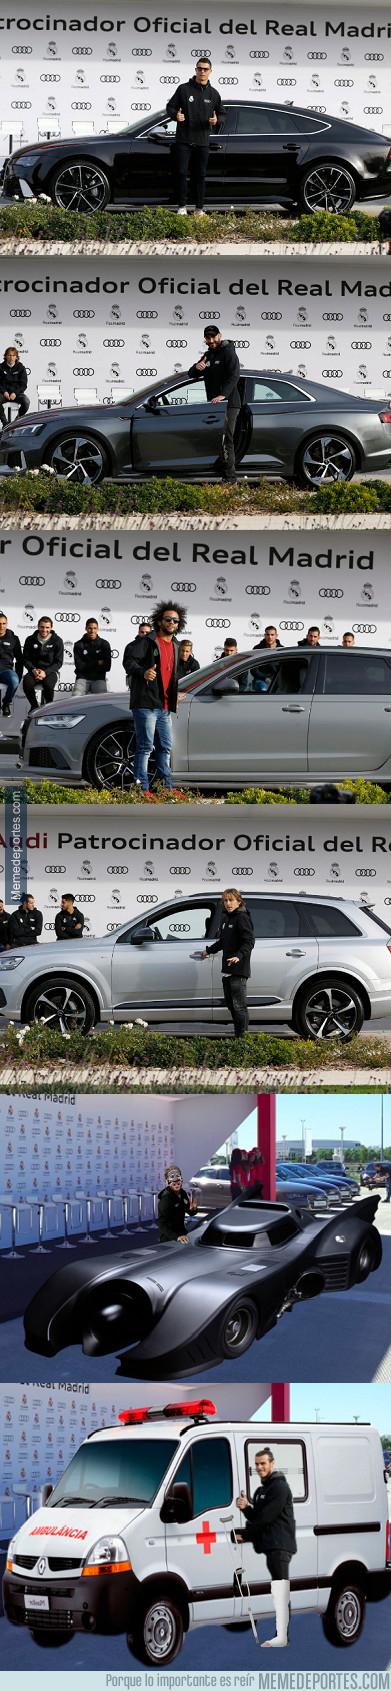 1008983 - Estos son los coches oficiales que ha recibido la plantilla del Real Madrid esta temporada